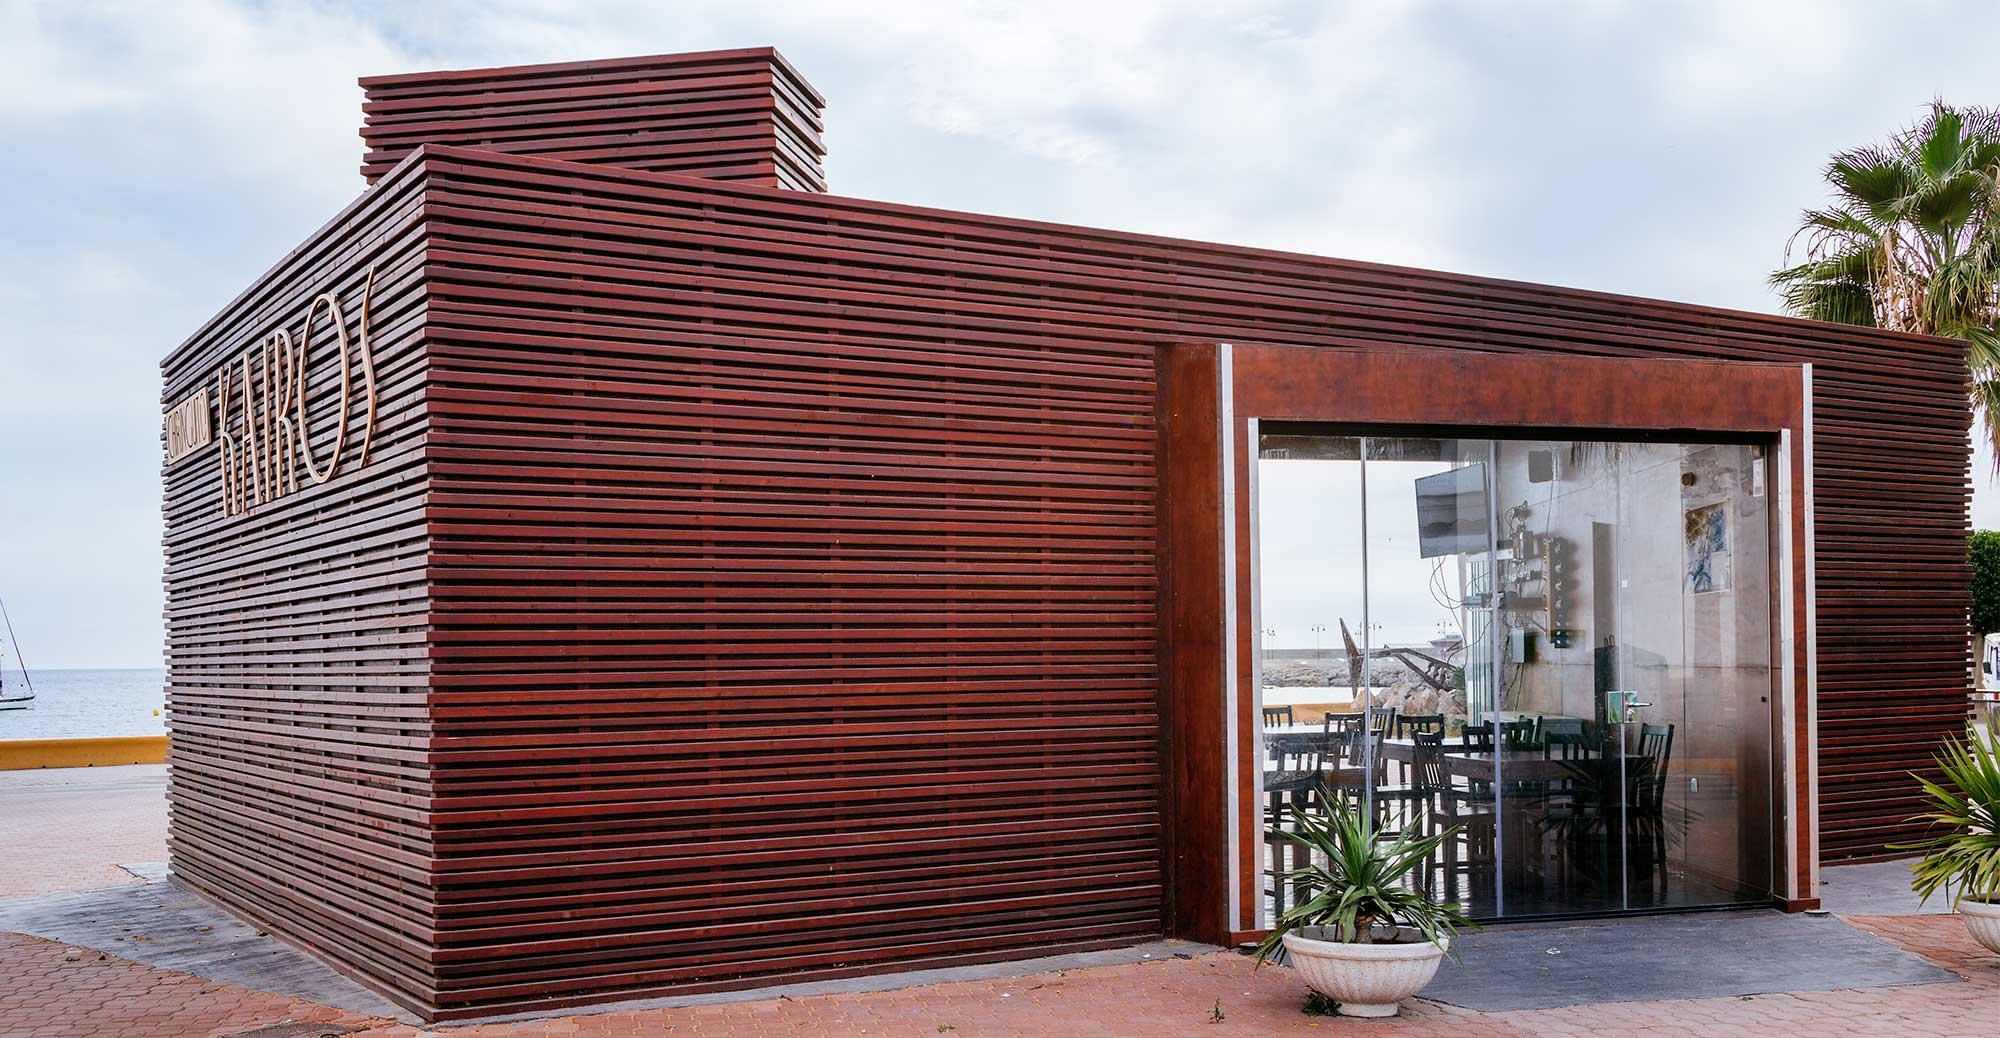 Xiringoscopio_-Adra_-Arquitectura-_-EXarchitects_11